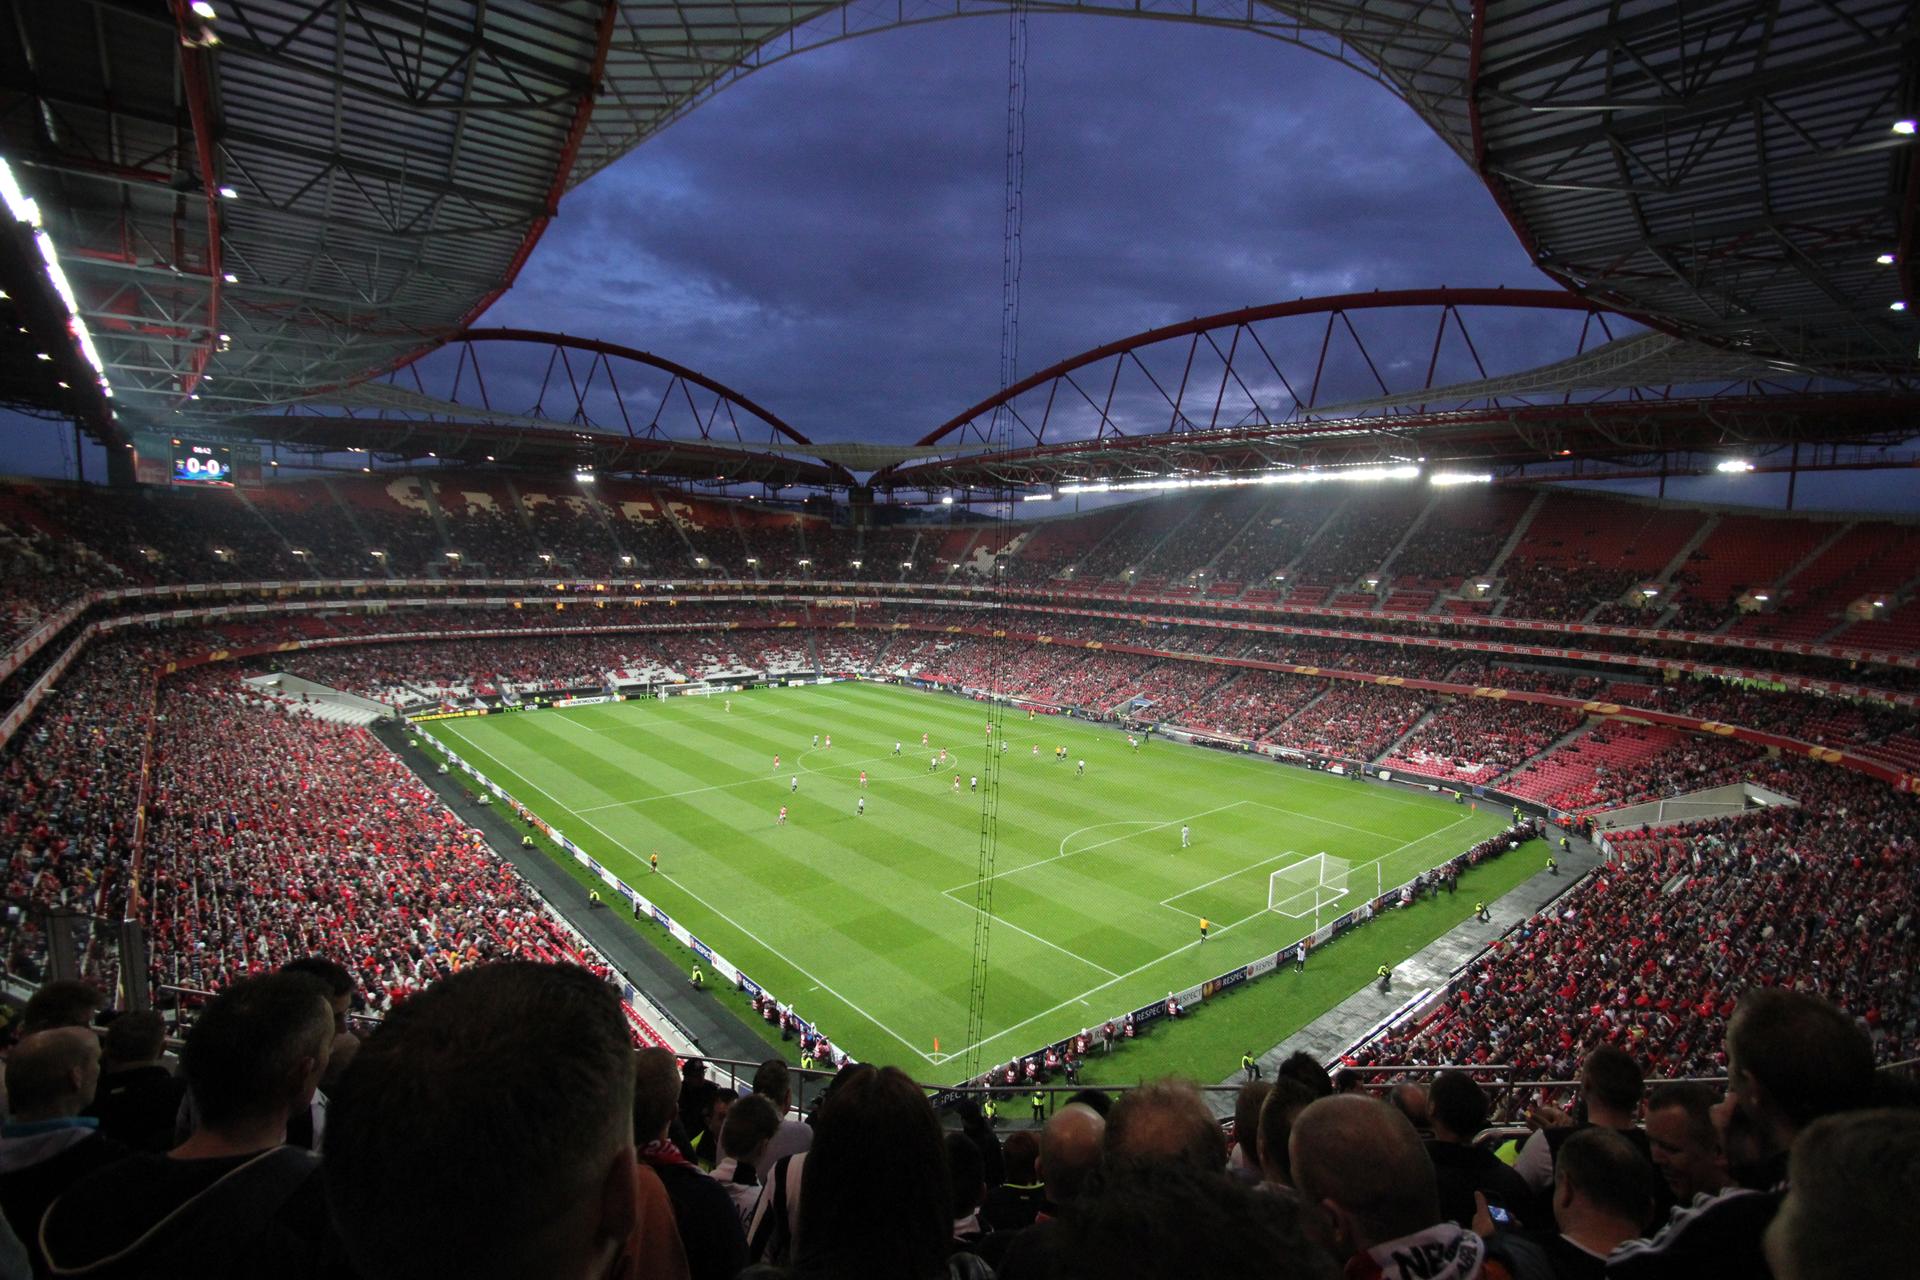 4. Estadio Da Luz (Benfica), 53 pikë